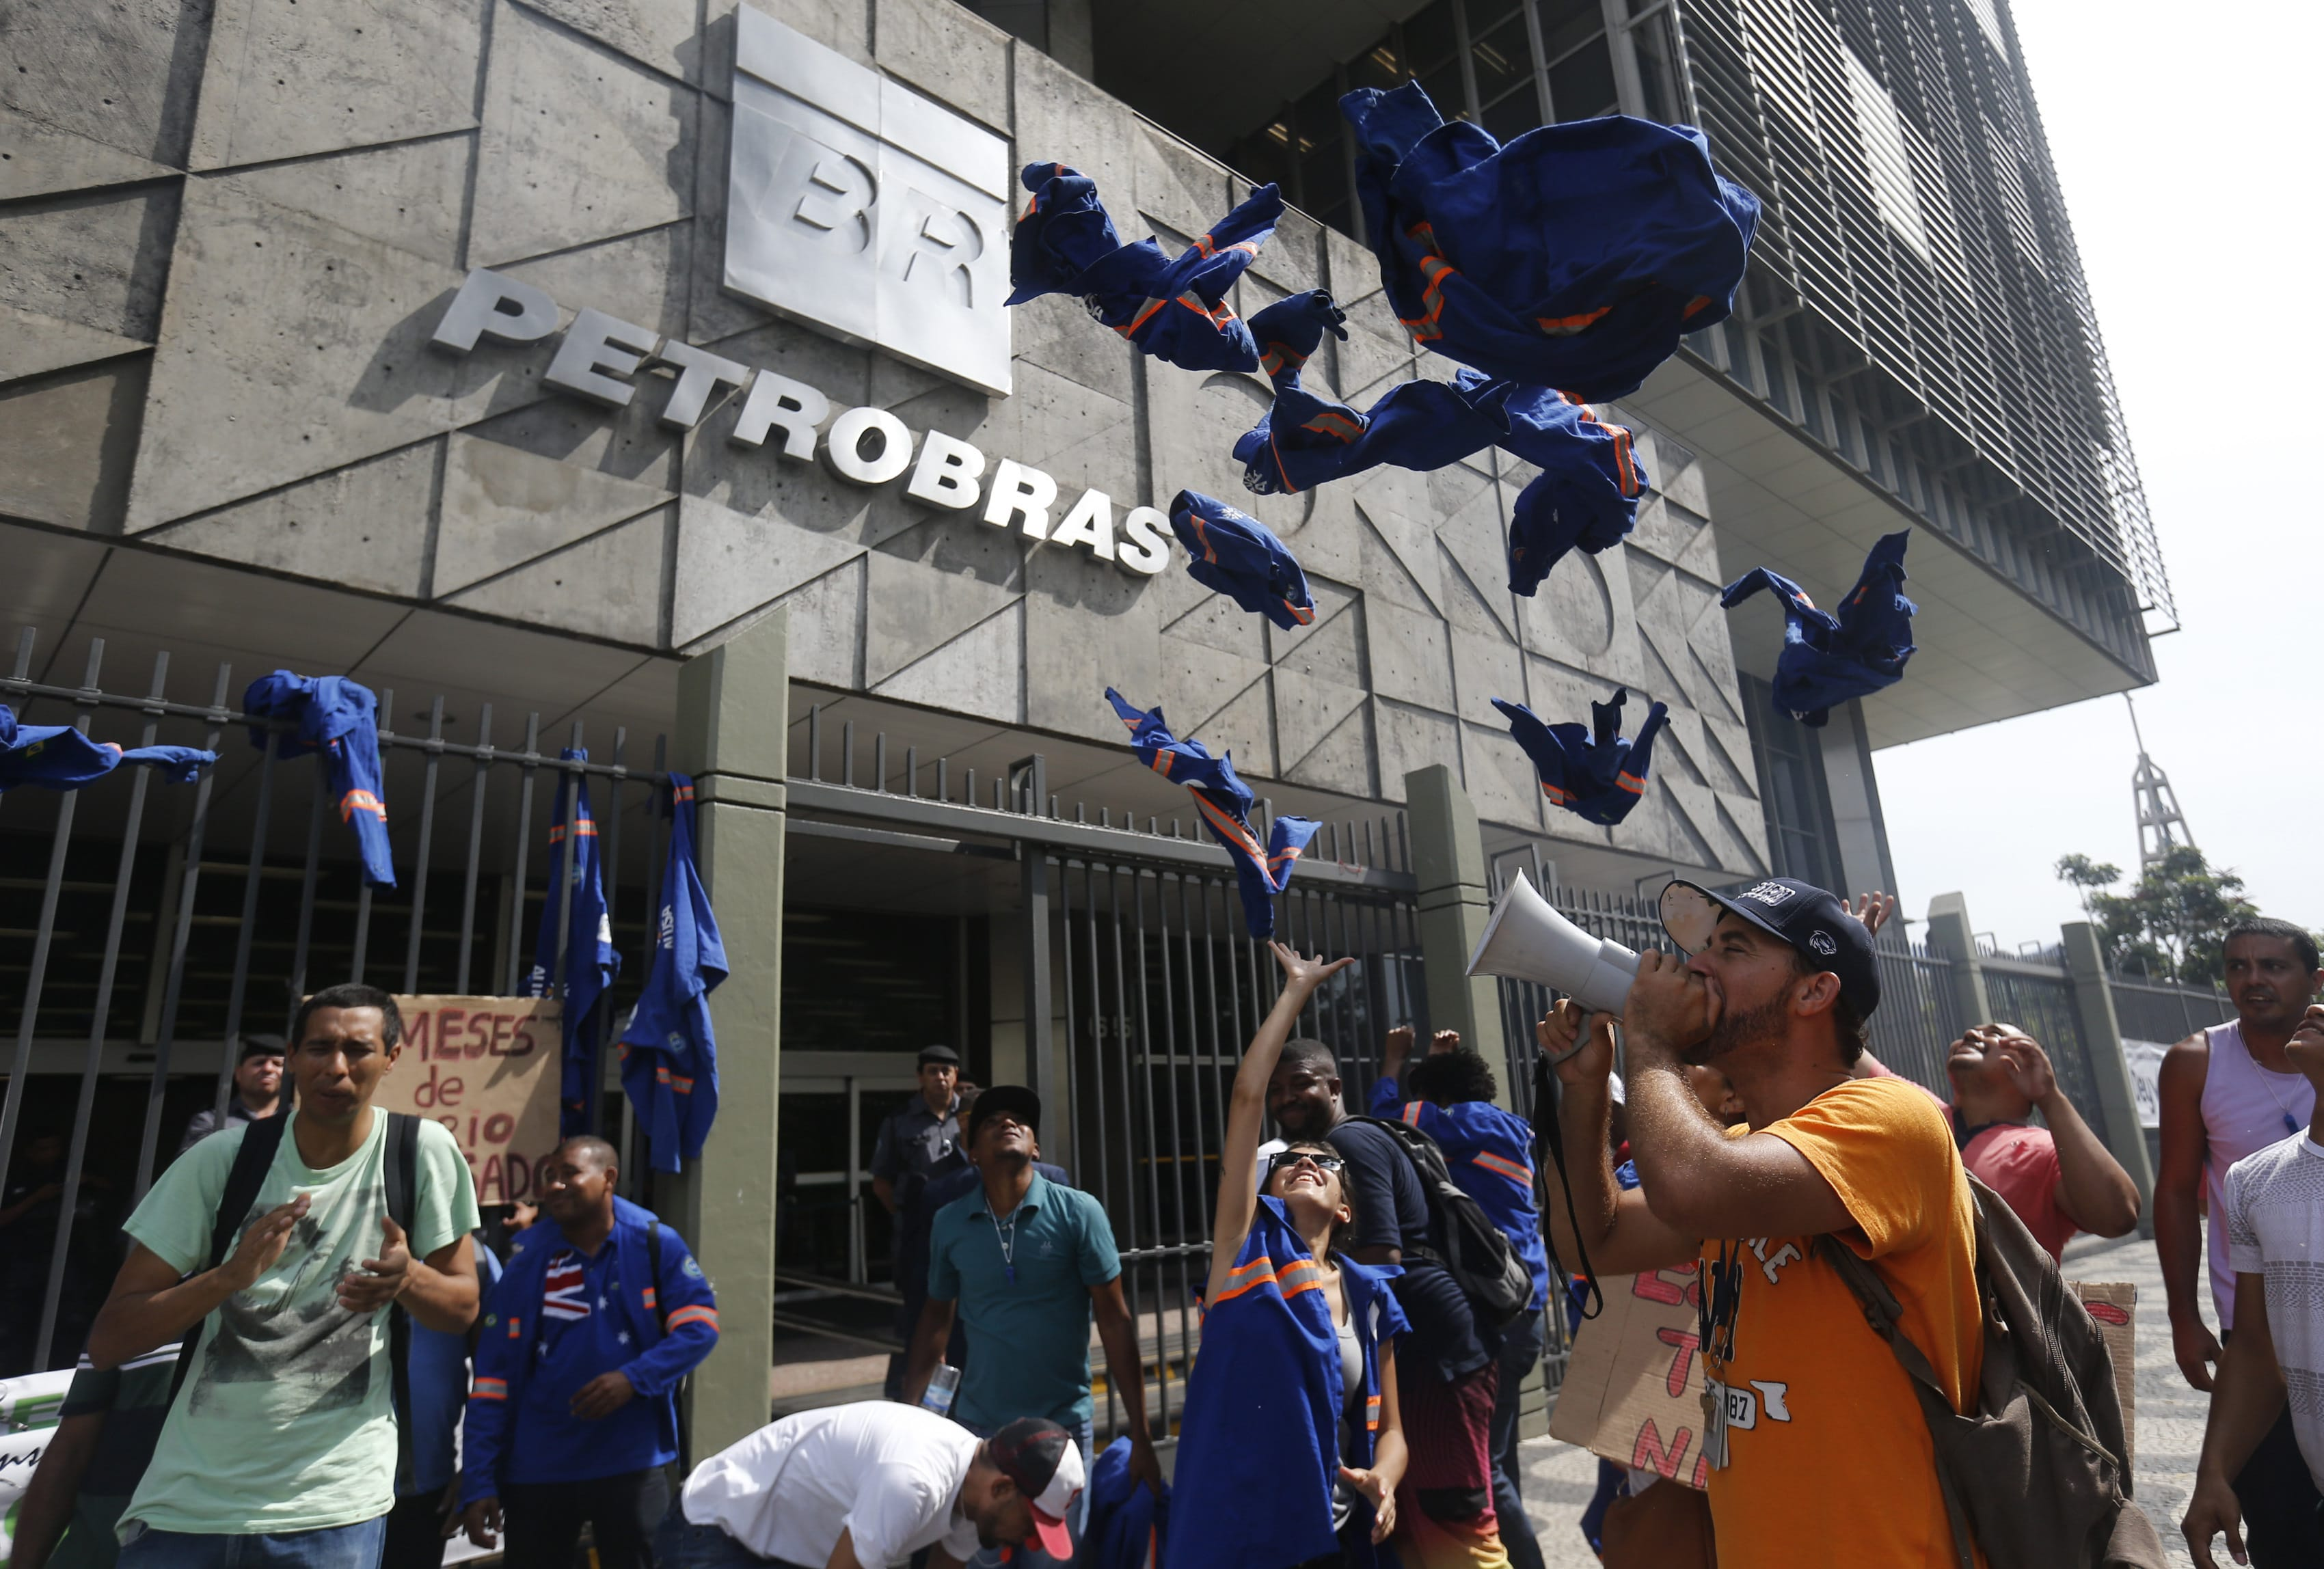 Escándalo de corrupción, Presidente, Lava Jato, Odebrecht